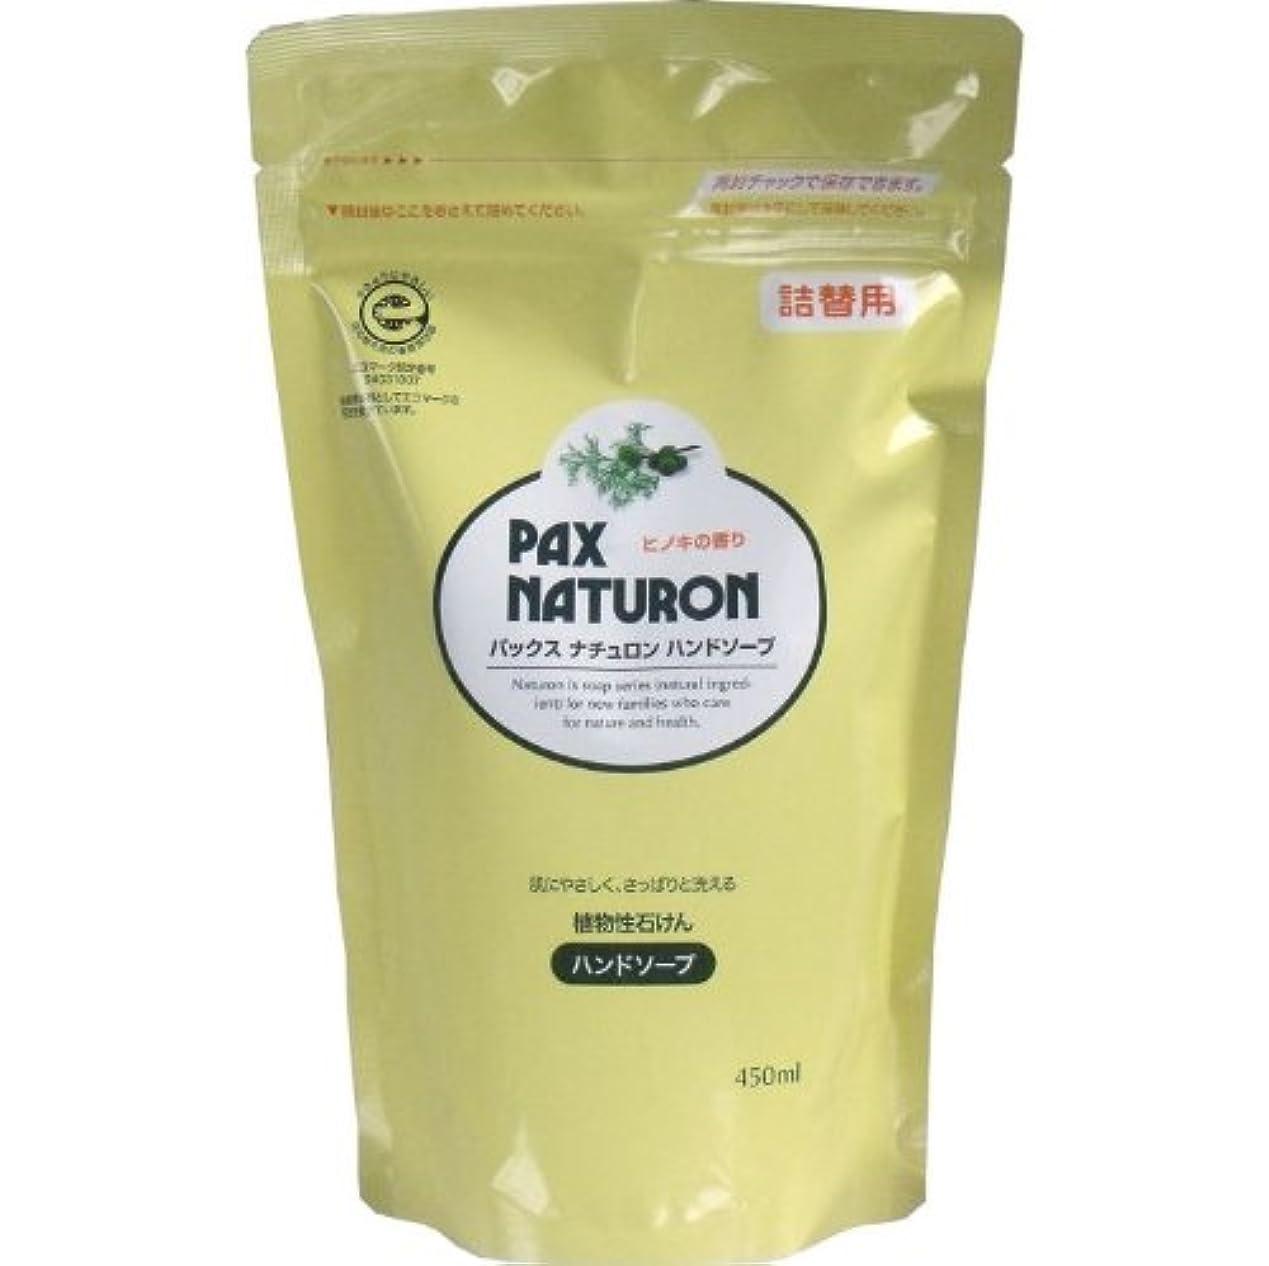 認可エネルギー不規則性肌にやさしく、さっぱりと洗える植物性石けん!植物性ハンドソープ 詰替用 450mL【3個セット】